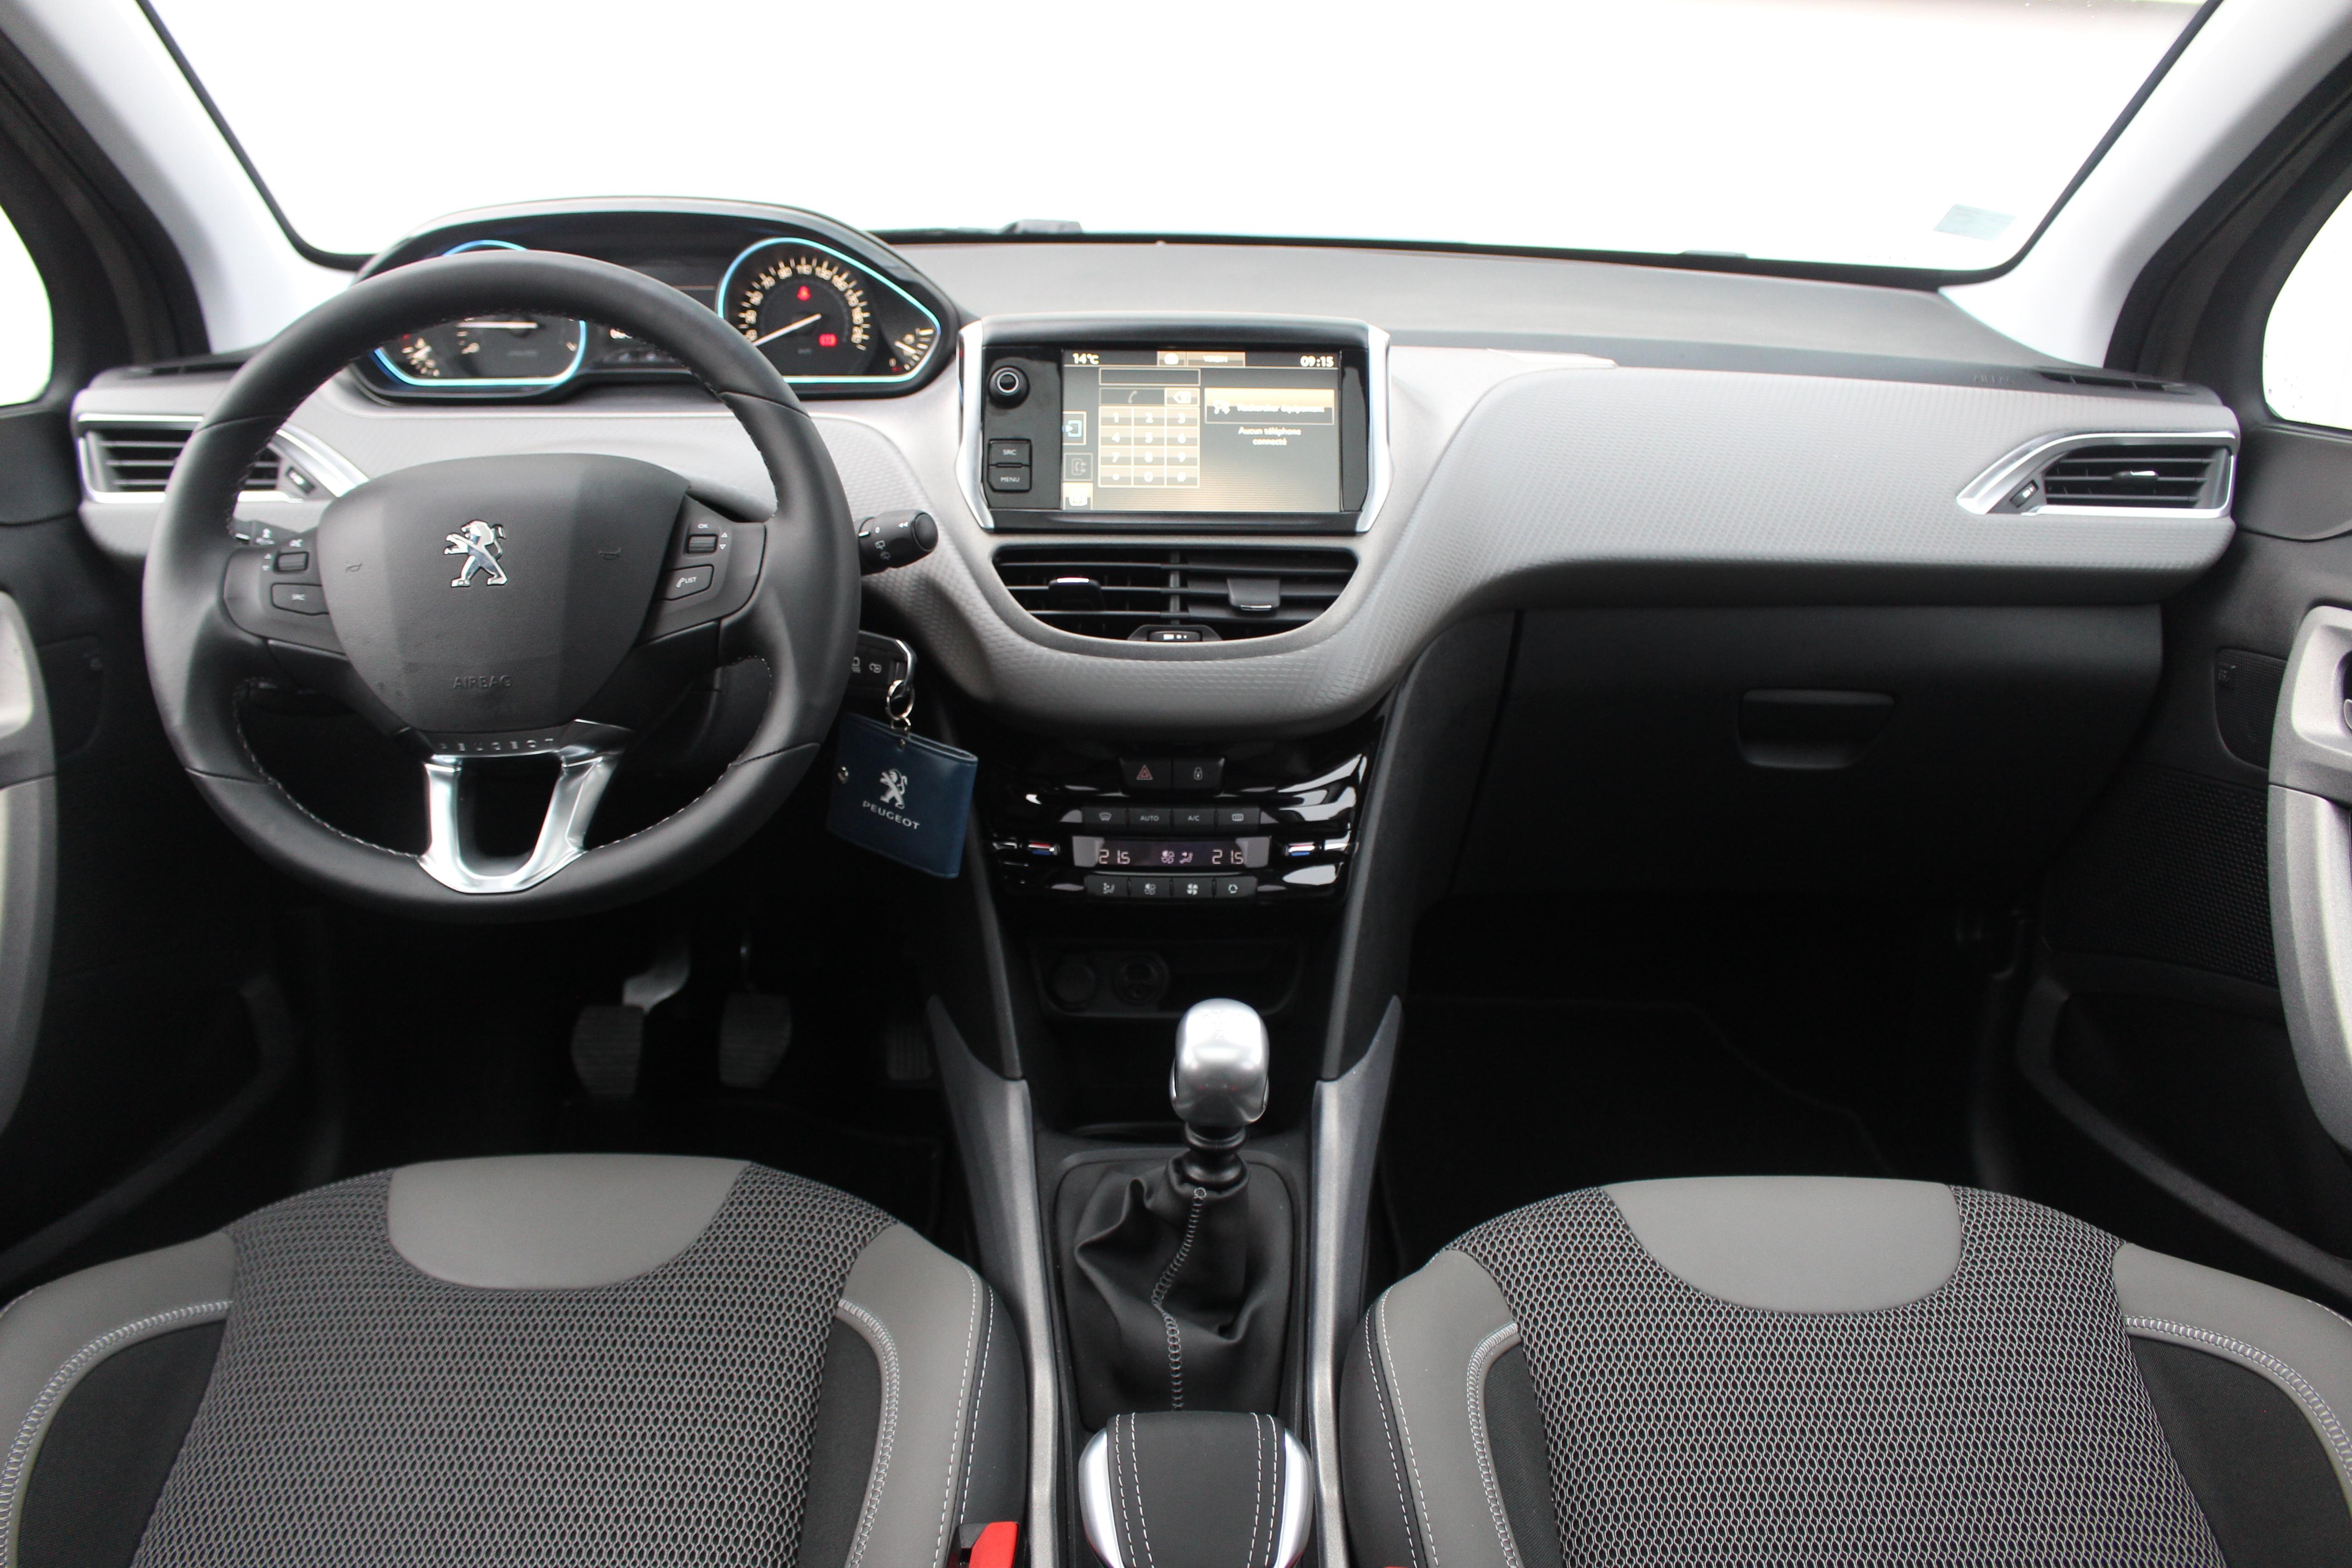 Peugeot 2008 2018 >> Essai - Peugeot 2008 Puretech 130 (2016) : le plus puissant